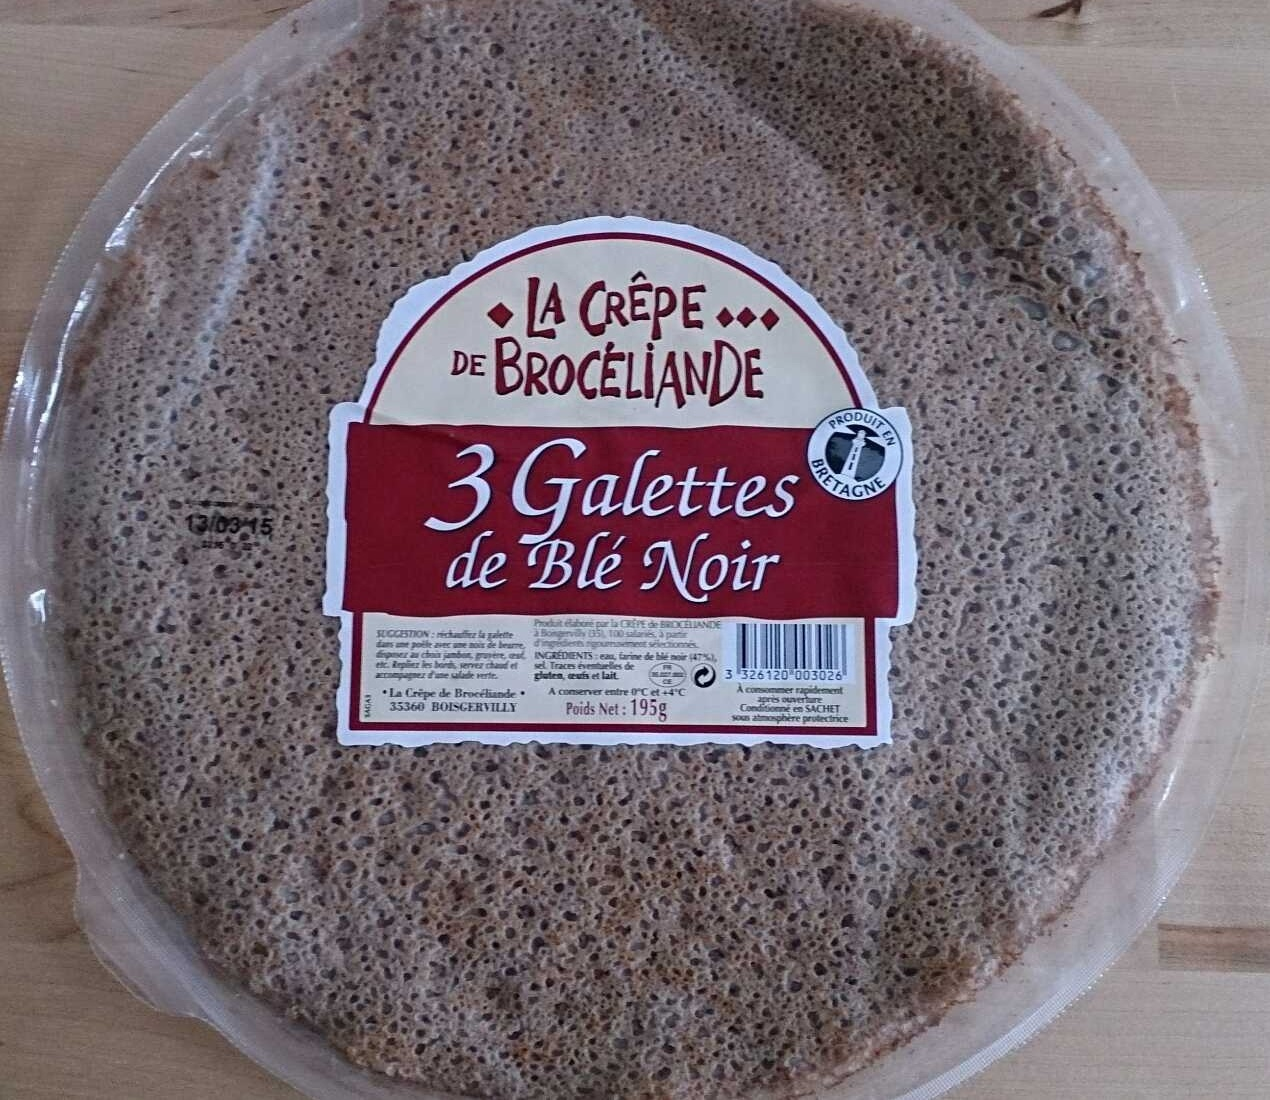 Galettes de Blé Noir - Produit - fr